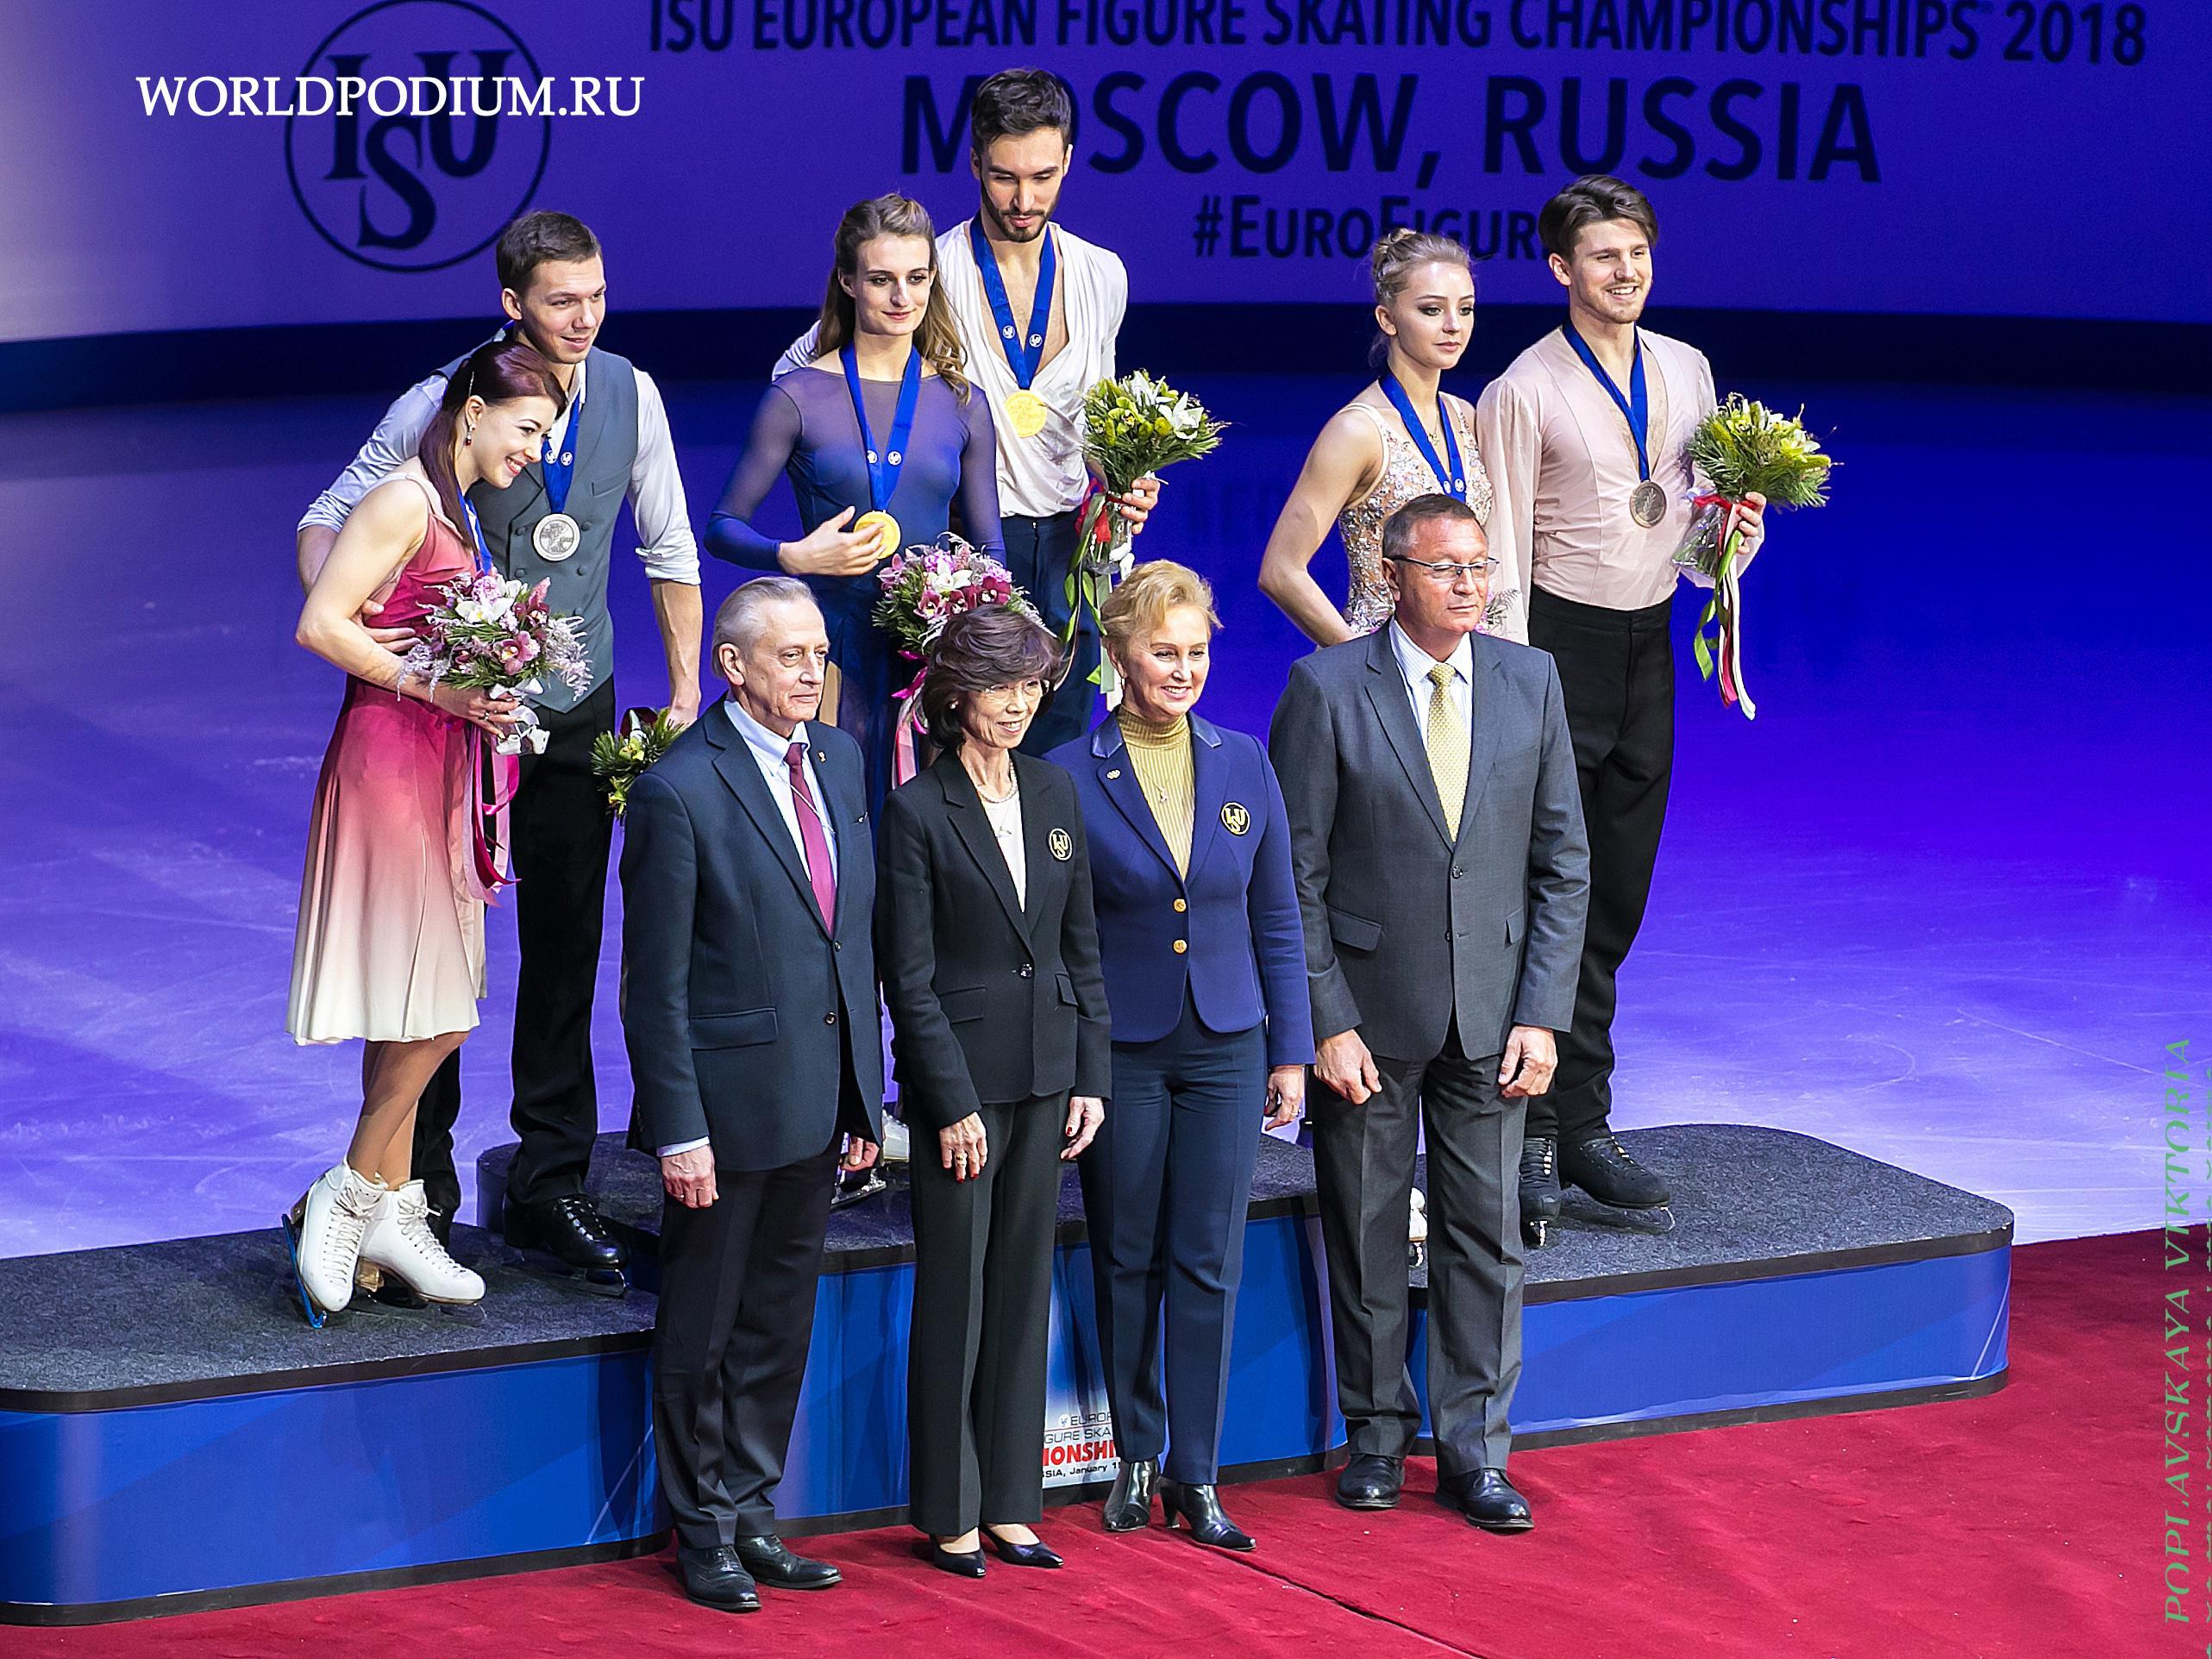 Чемпионат Европы по фигурному катанию. Танцы на льду.